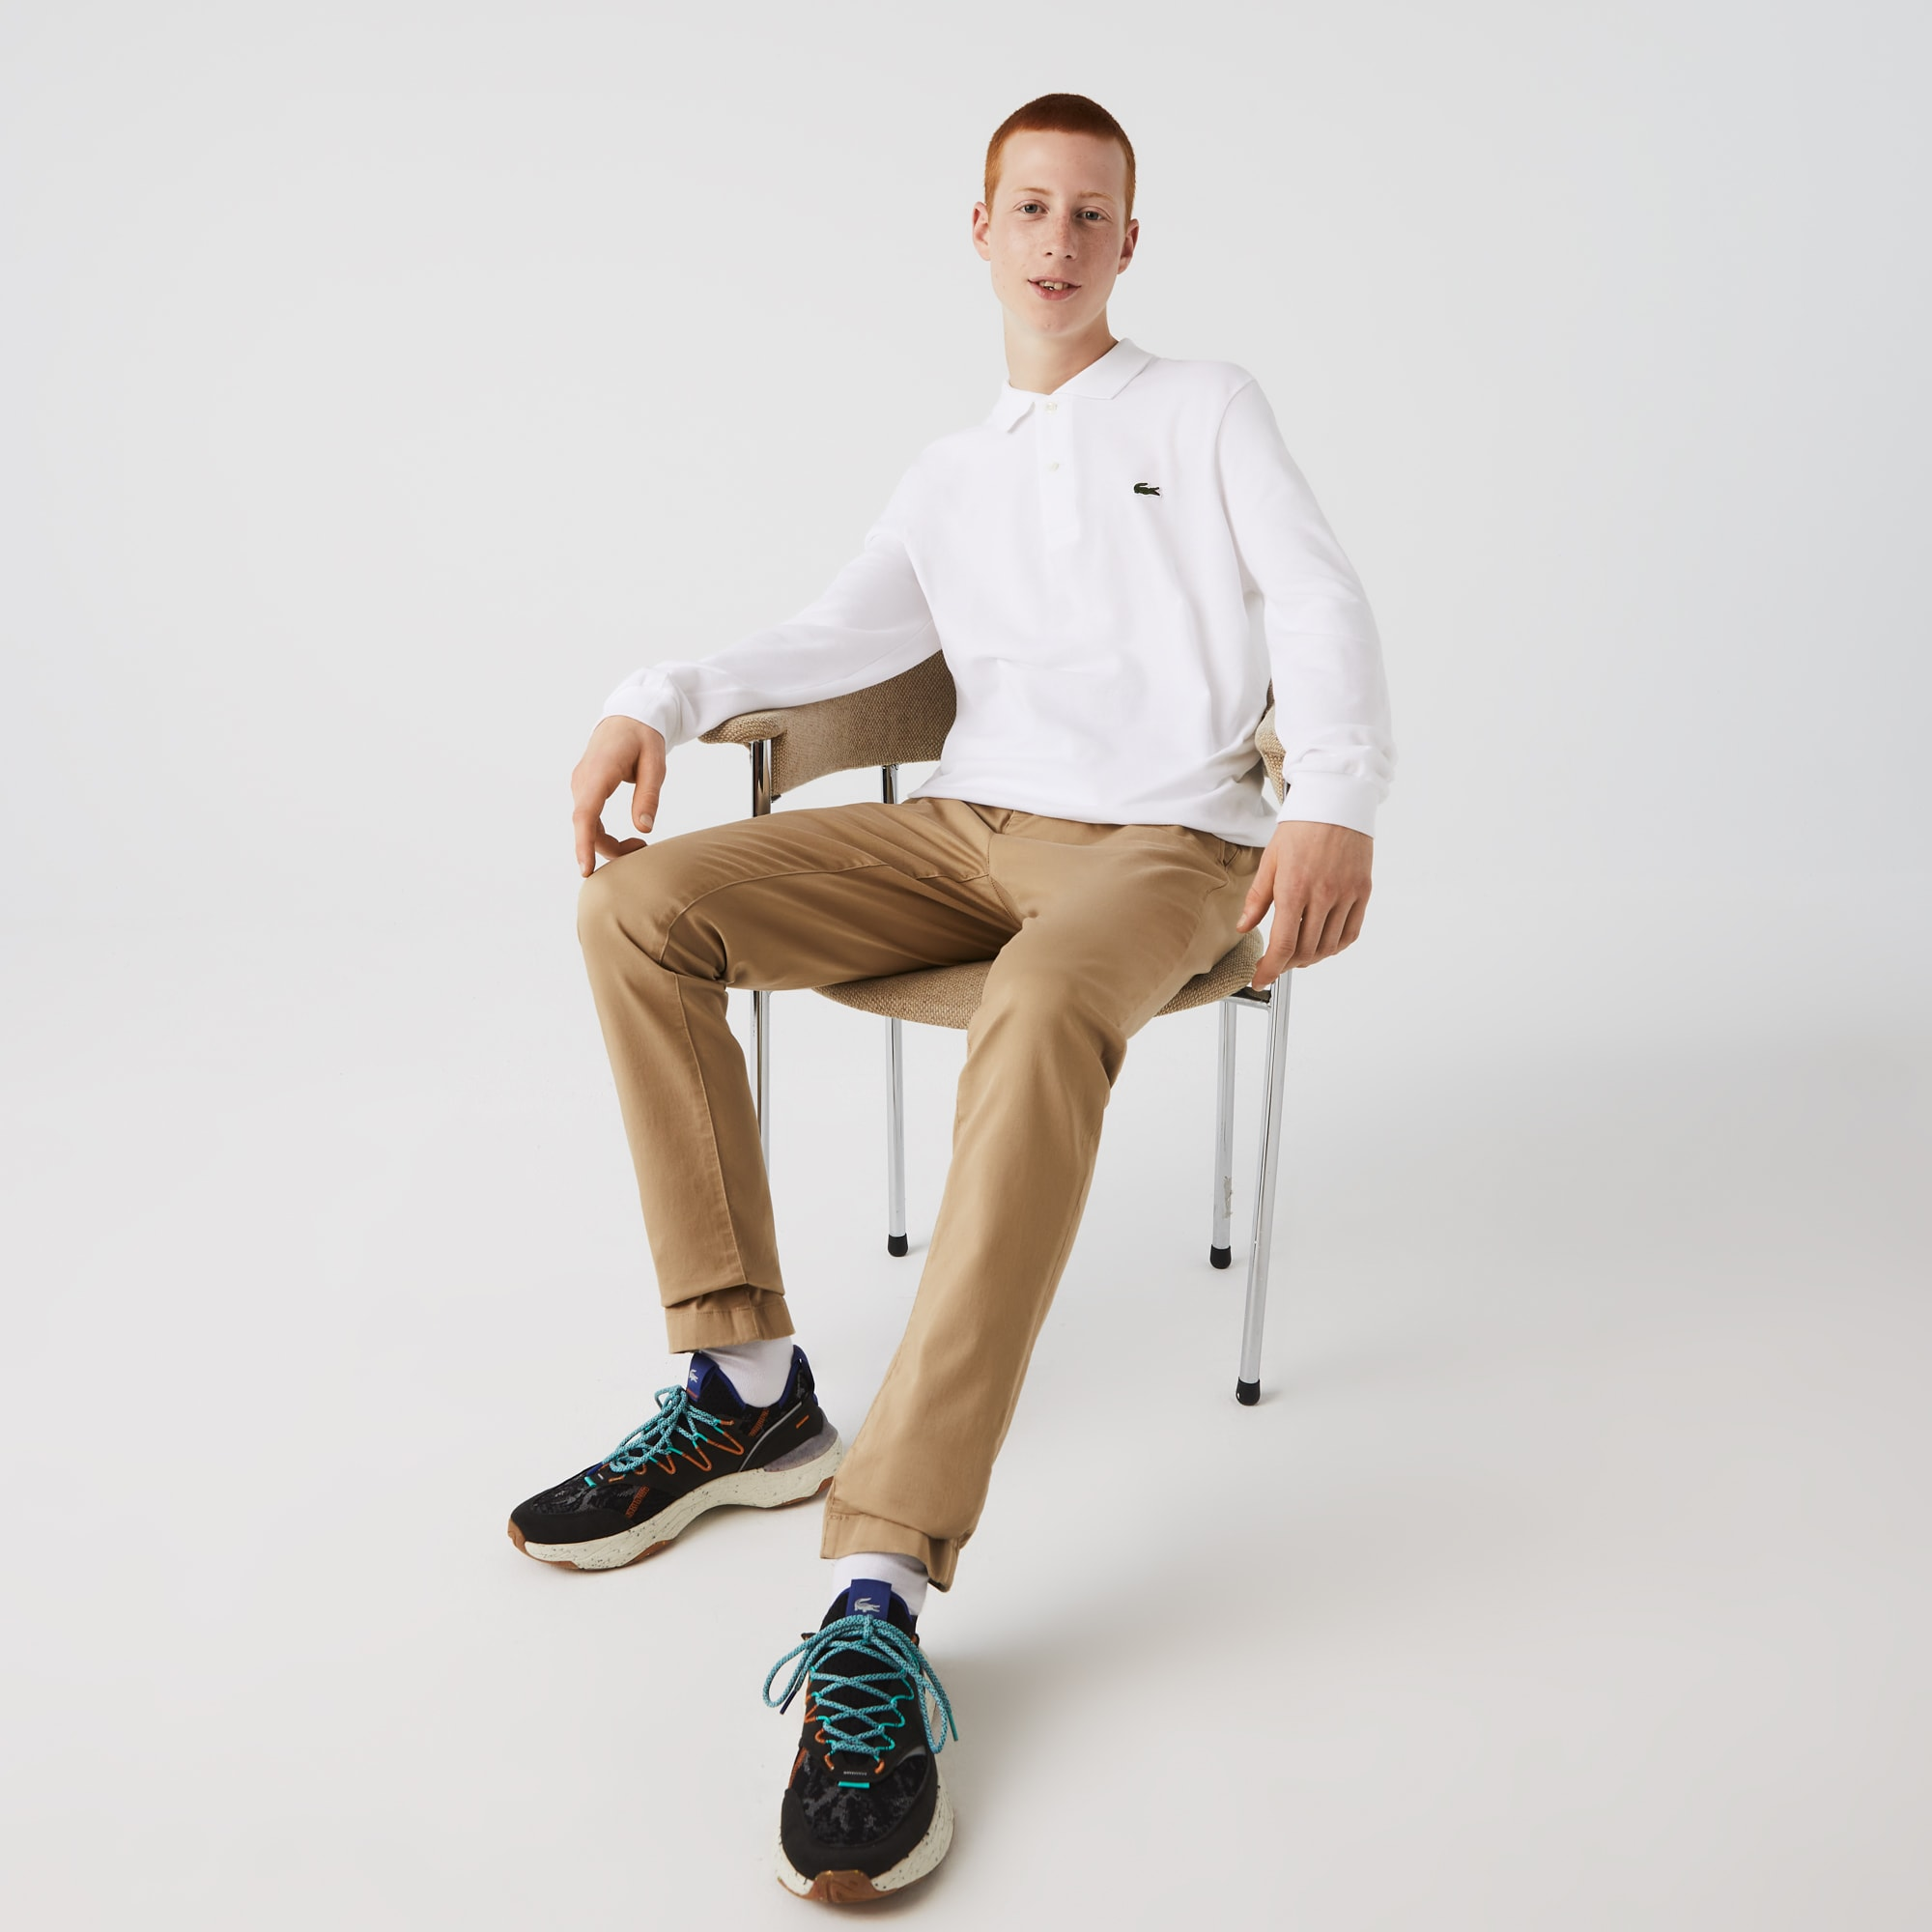 라코스테 맨 L.12.12 긴팔 폴로 셔츠 Lacoste Long-sleeve Classic Fit L.12.12 Polo Shirt